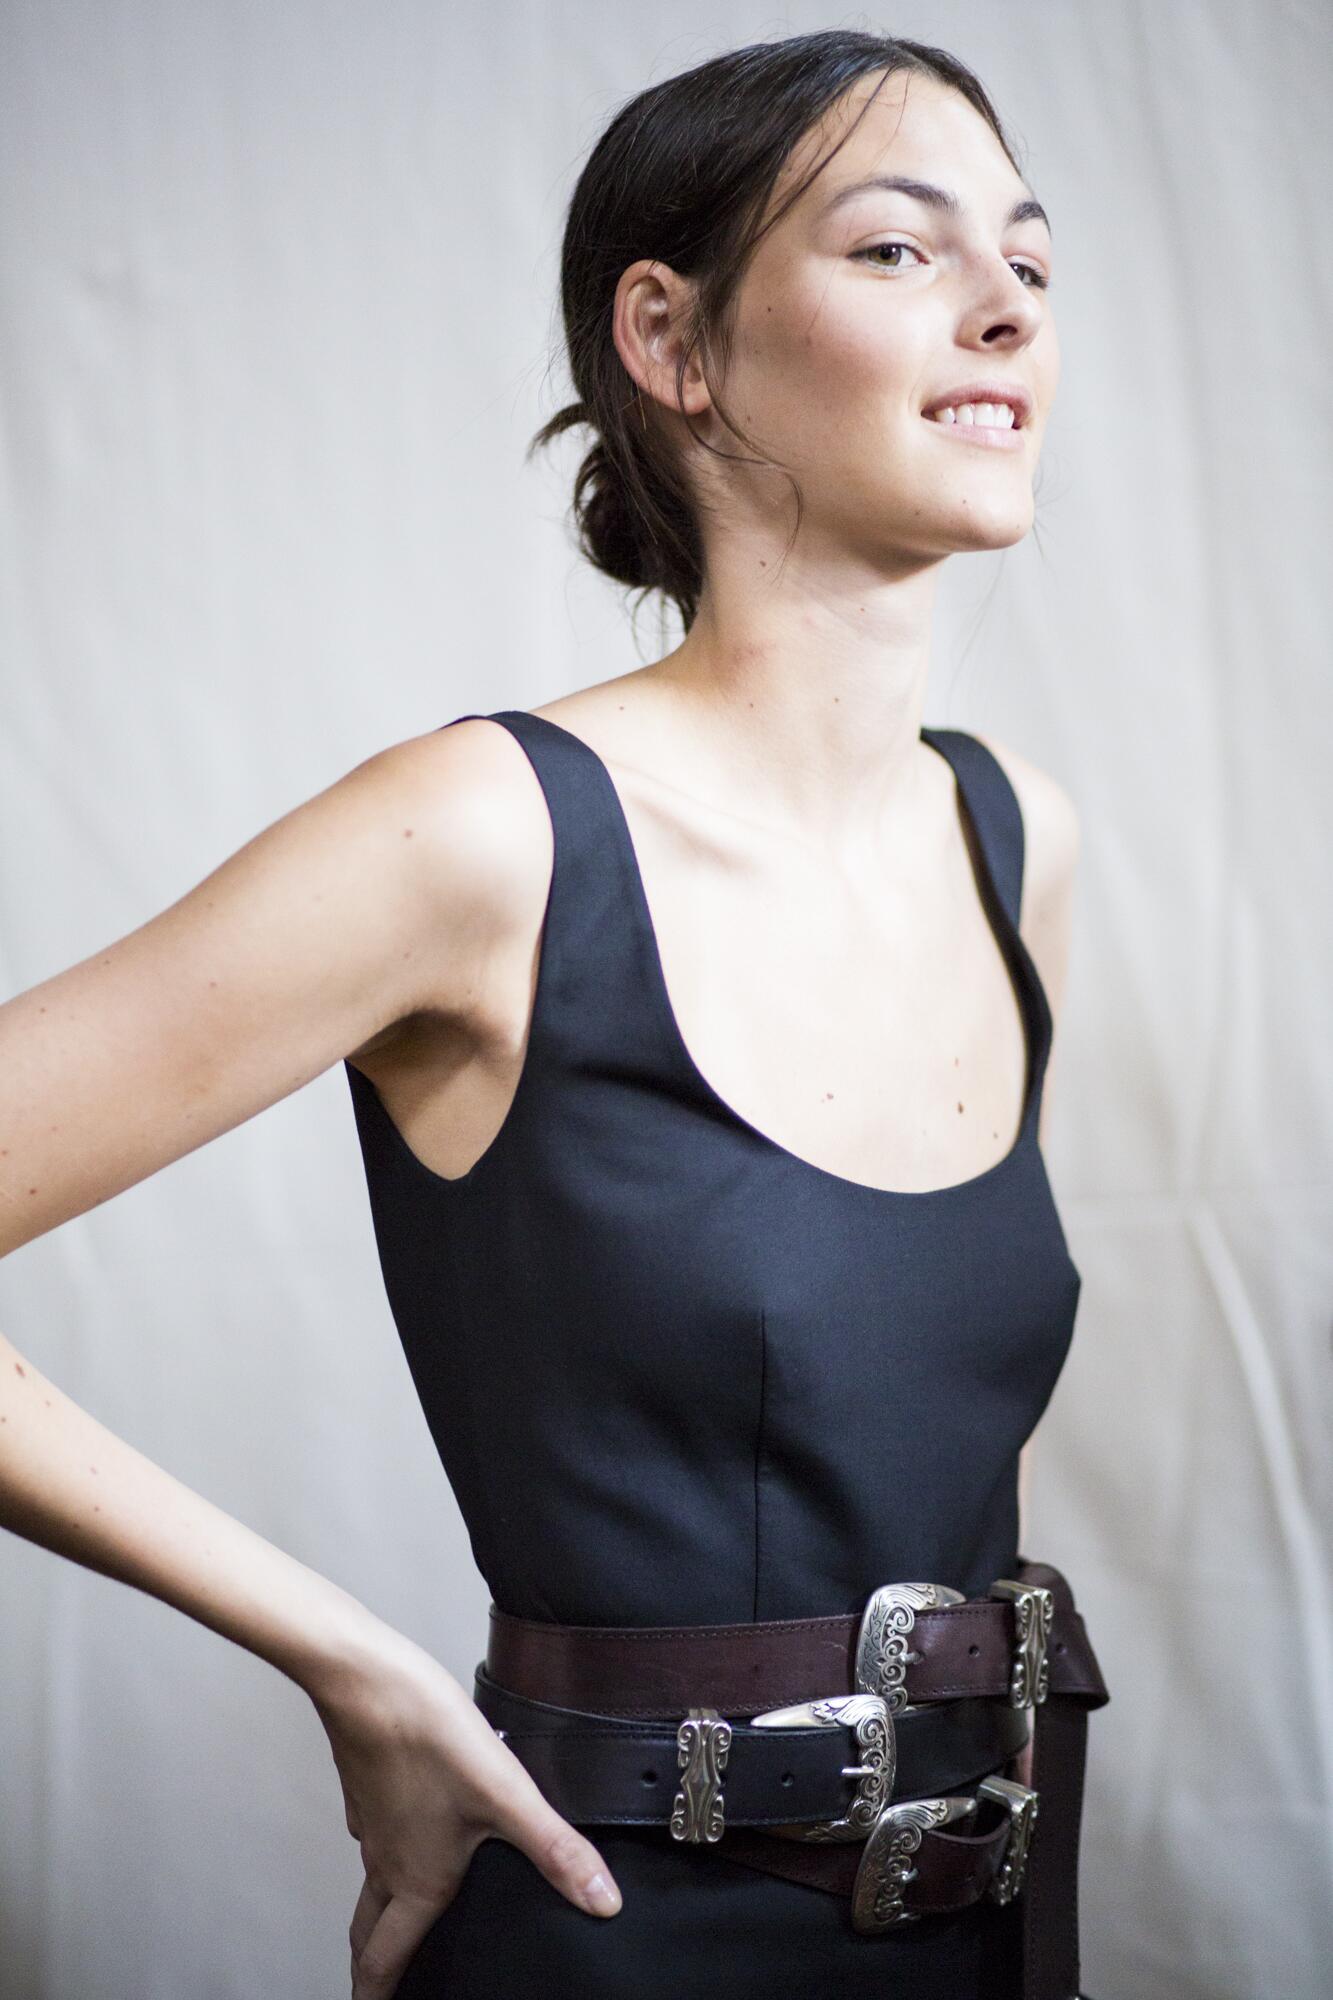 Backstage Alberta Ferretti Fashion Model